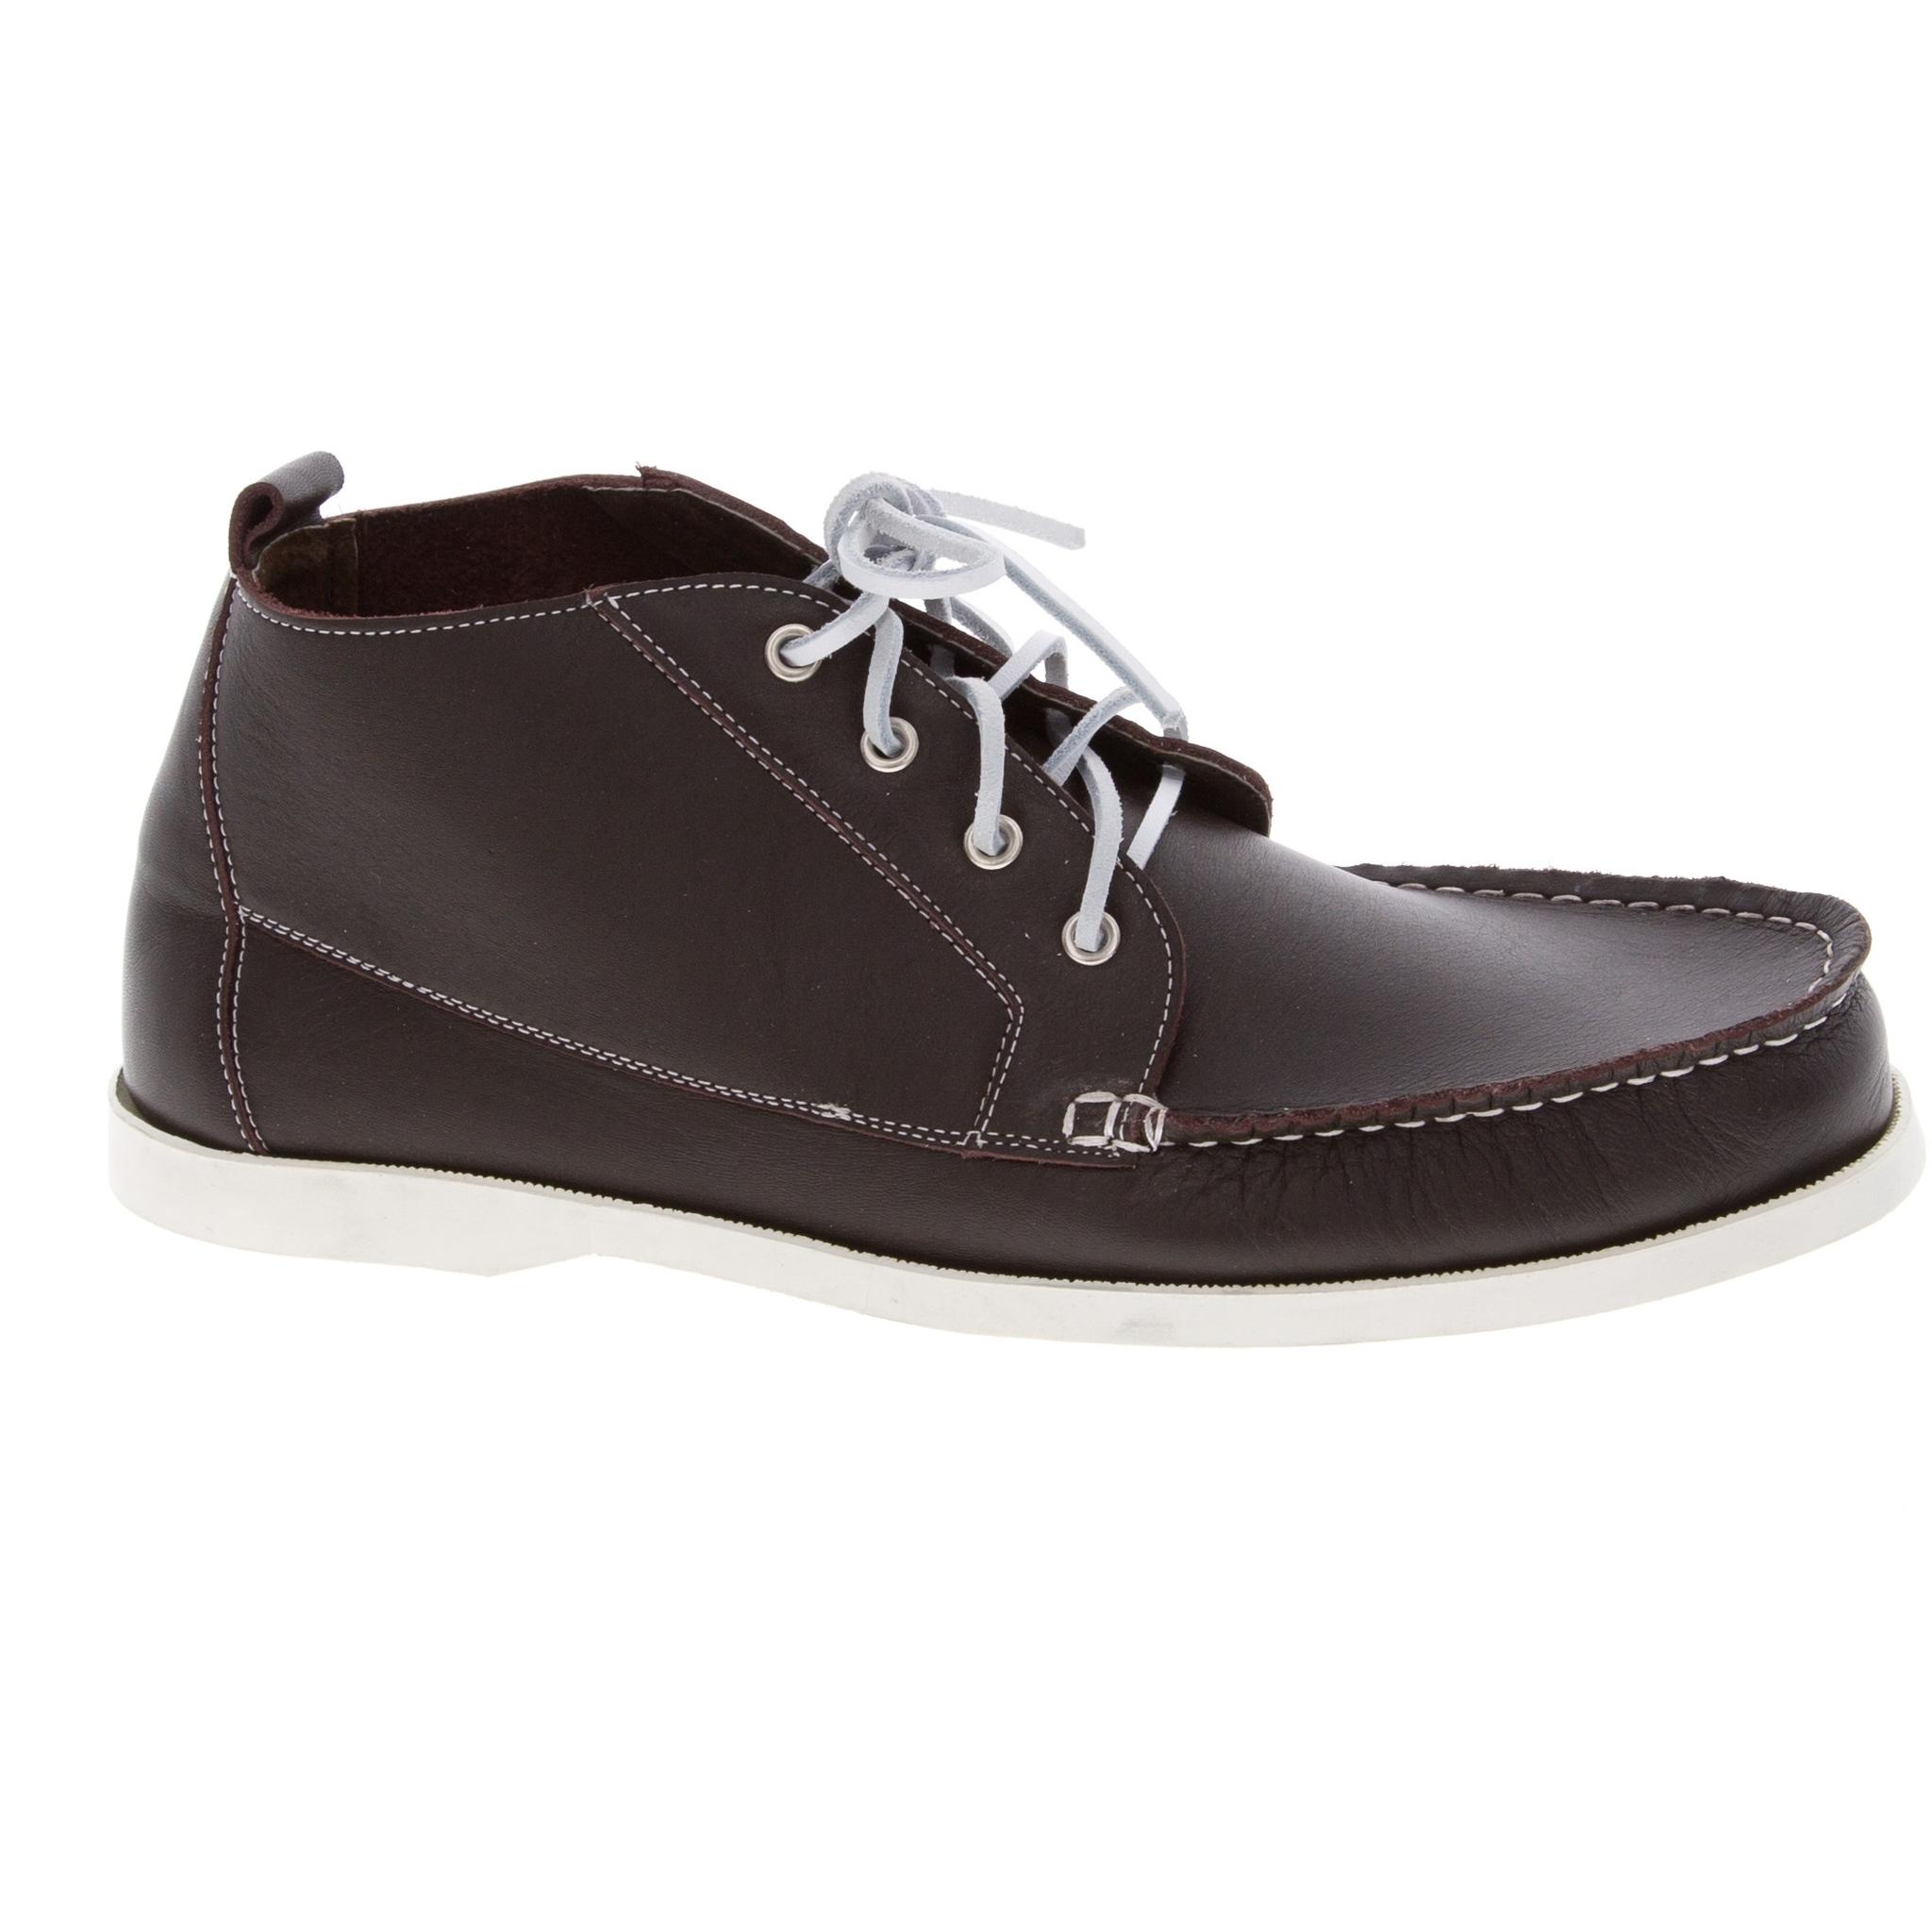 518371 ботинки мужские больших размеров марки Делфино